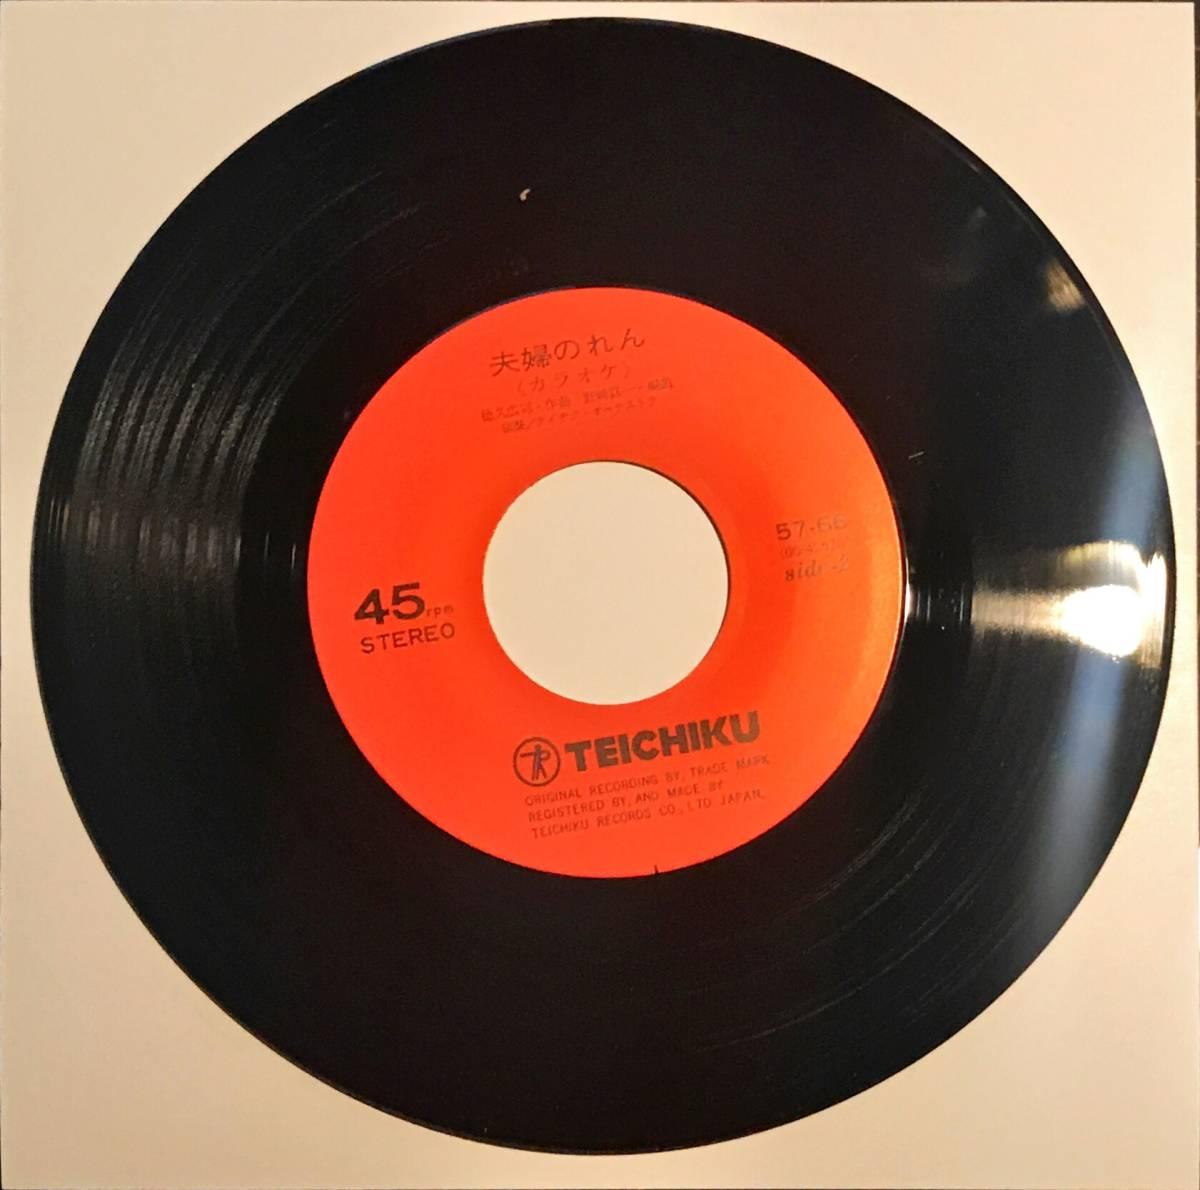 [試聴]和モノ自主盤マイナー盤 小山金次郎 // 夫婦のれん / カラオケ ディープ歌謡 [EP]サイン入りムード歌謡曲 希少B級 演歌 7inch_画像5